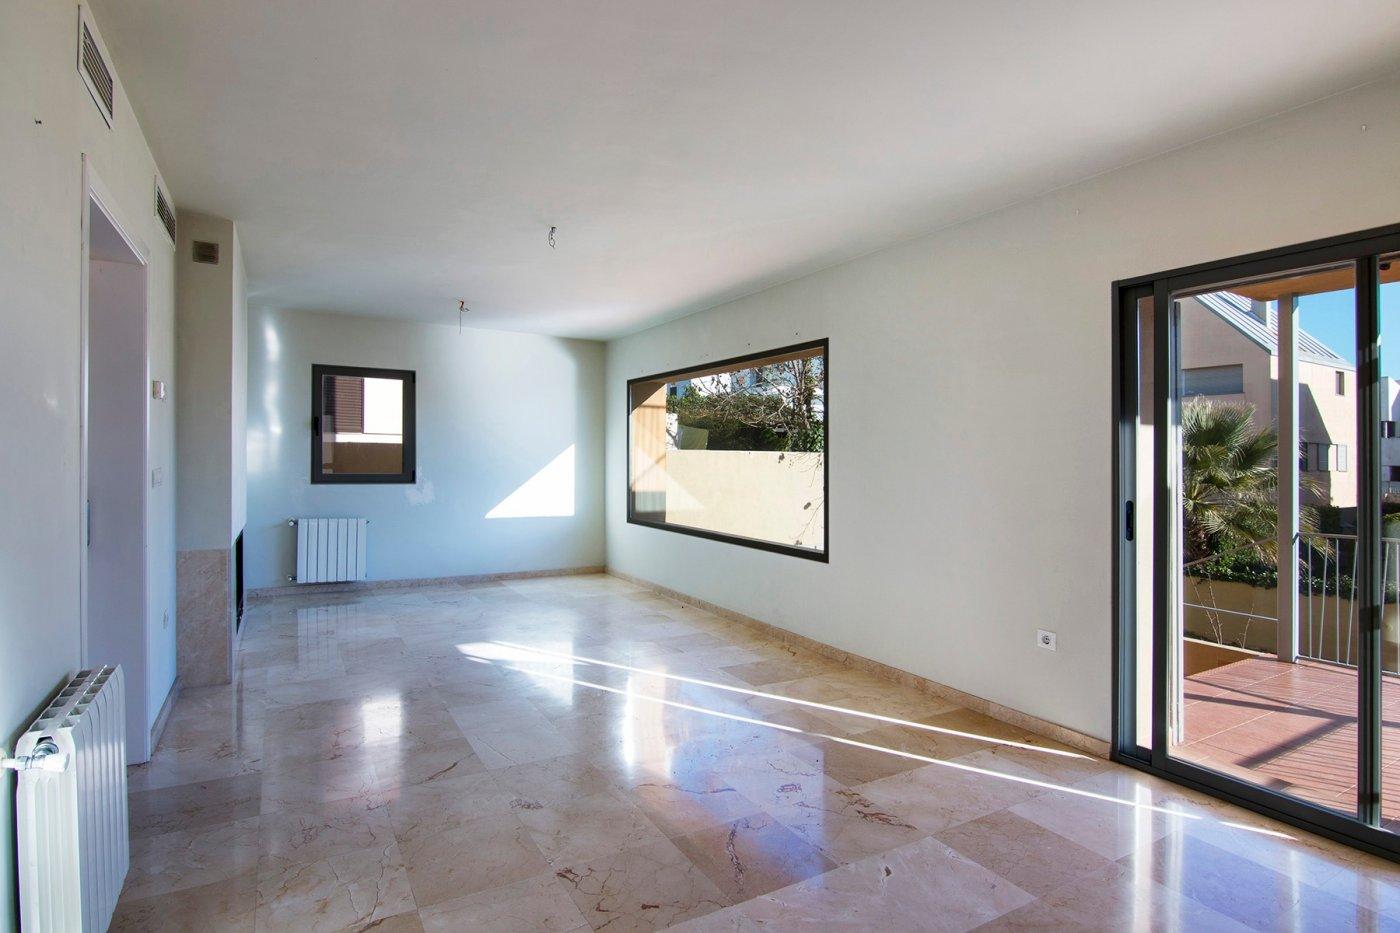 Estupenda casa prácticamente a estrenar en Loma Verde